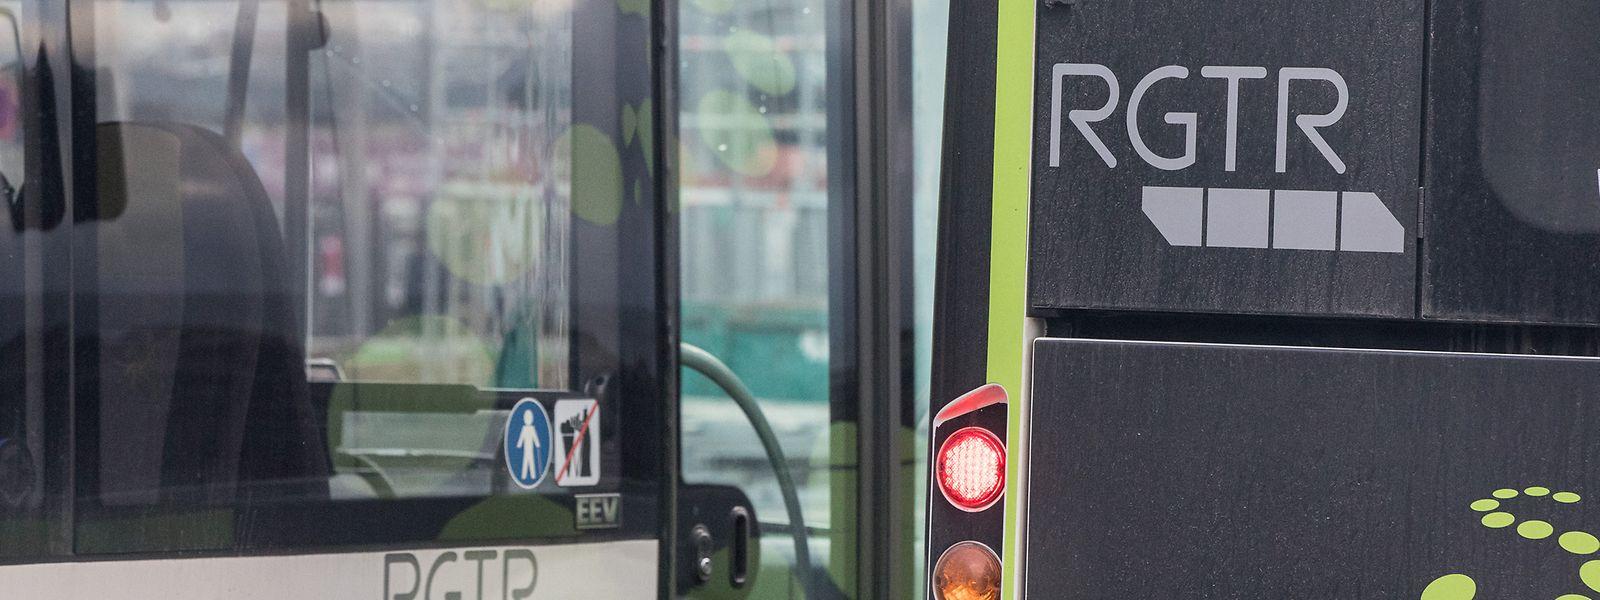 Am Sonntag treten größere Änderungen im RGTR-Busnetz in Kraft.